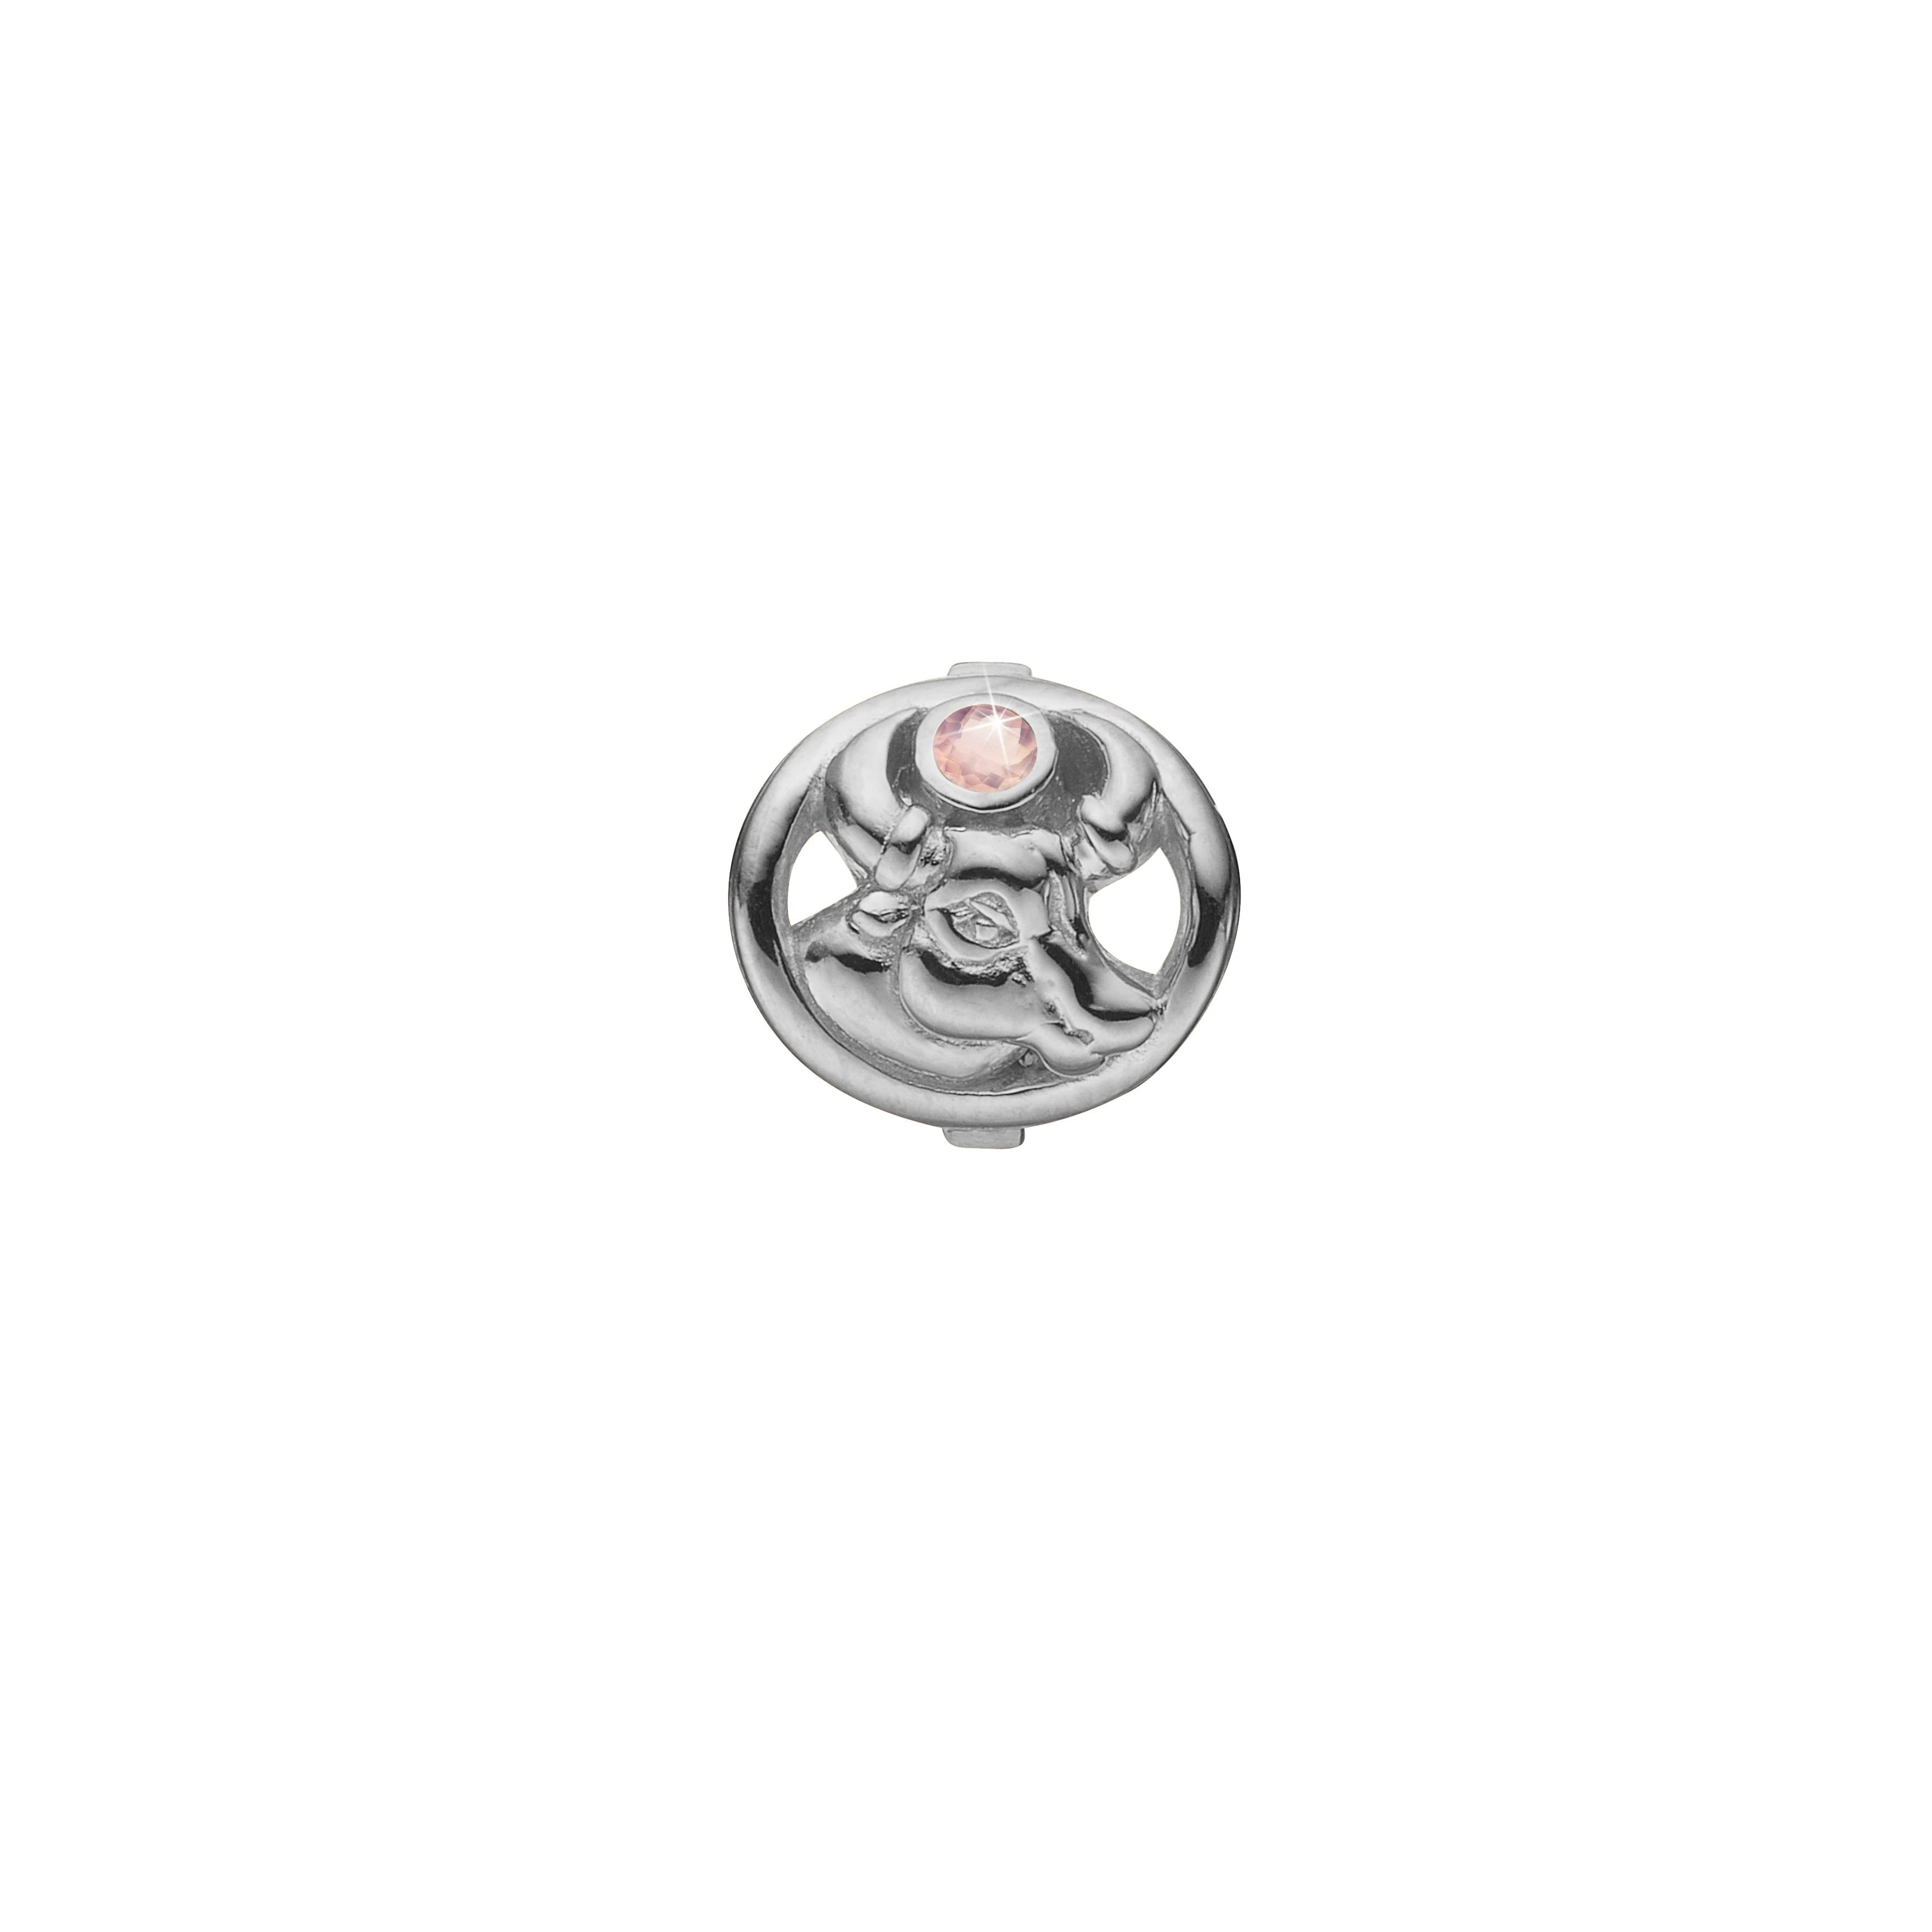 CHRISTINA Charm tyr - 630-S67-4